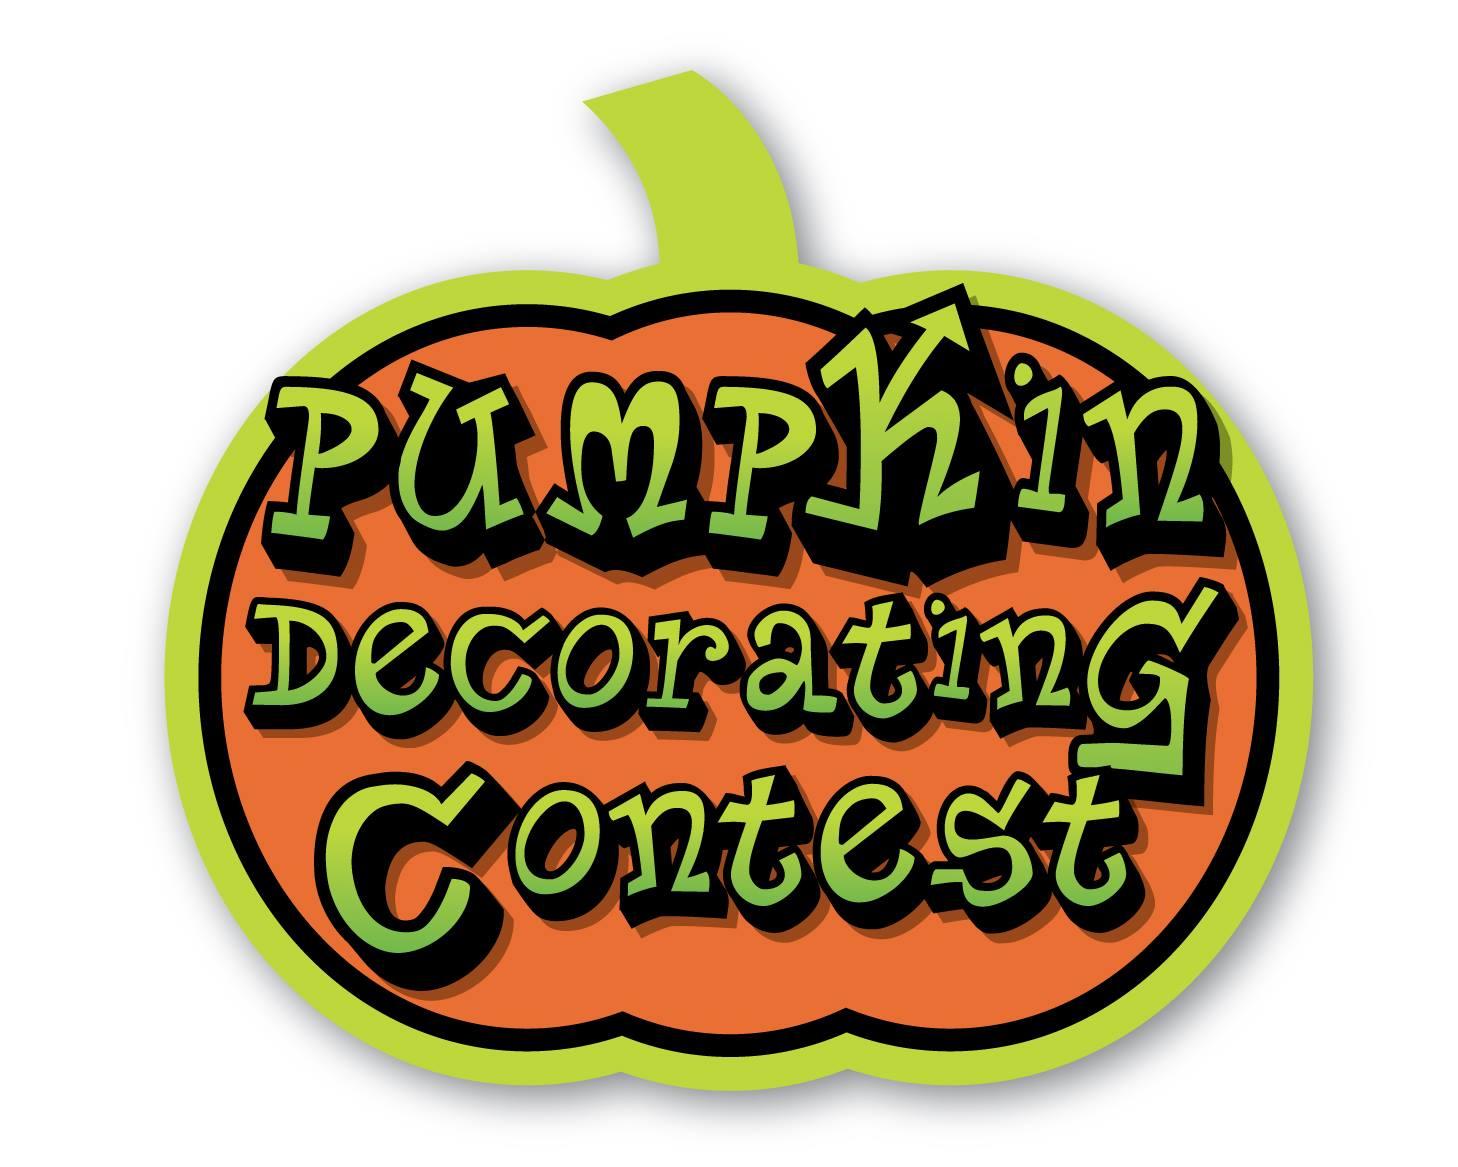 Contest axiom . Clipart pumpkin pumpkin decorating